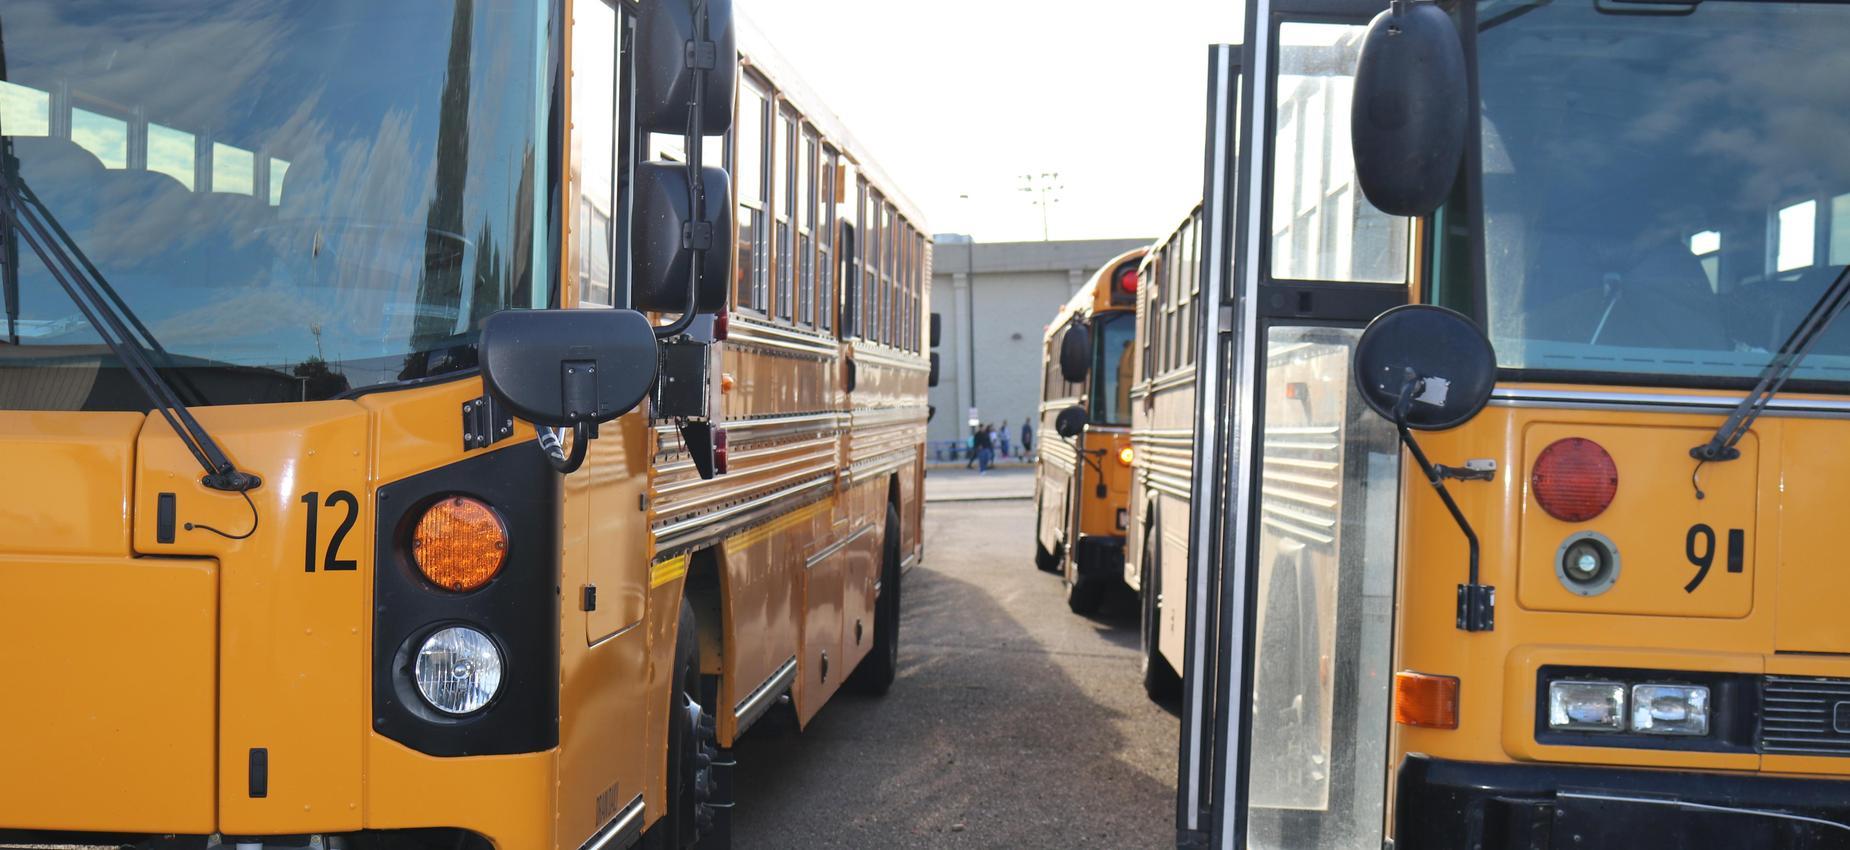 Image, buses